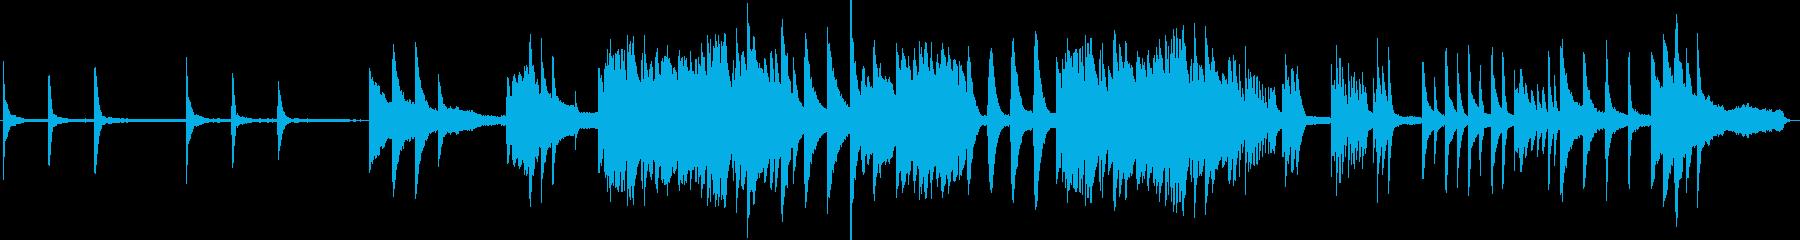 優しく切ない哀愁漂うピアノソロの再生済みの波形